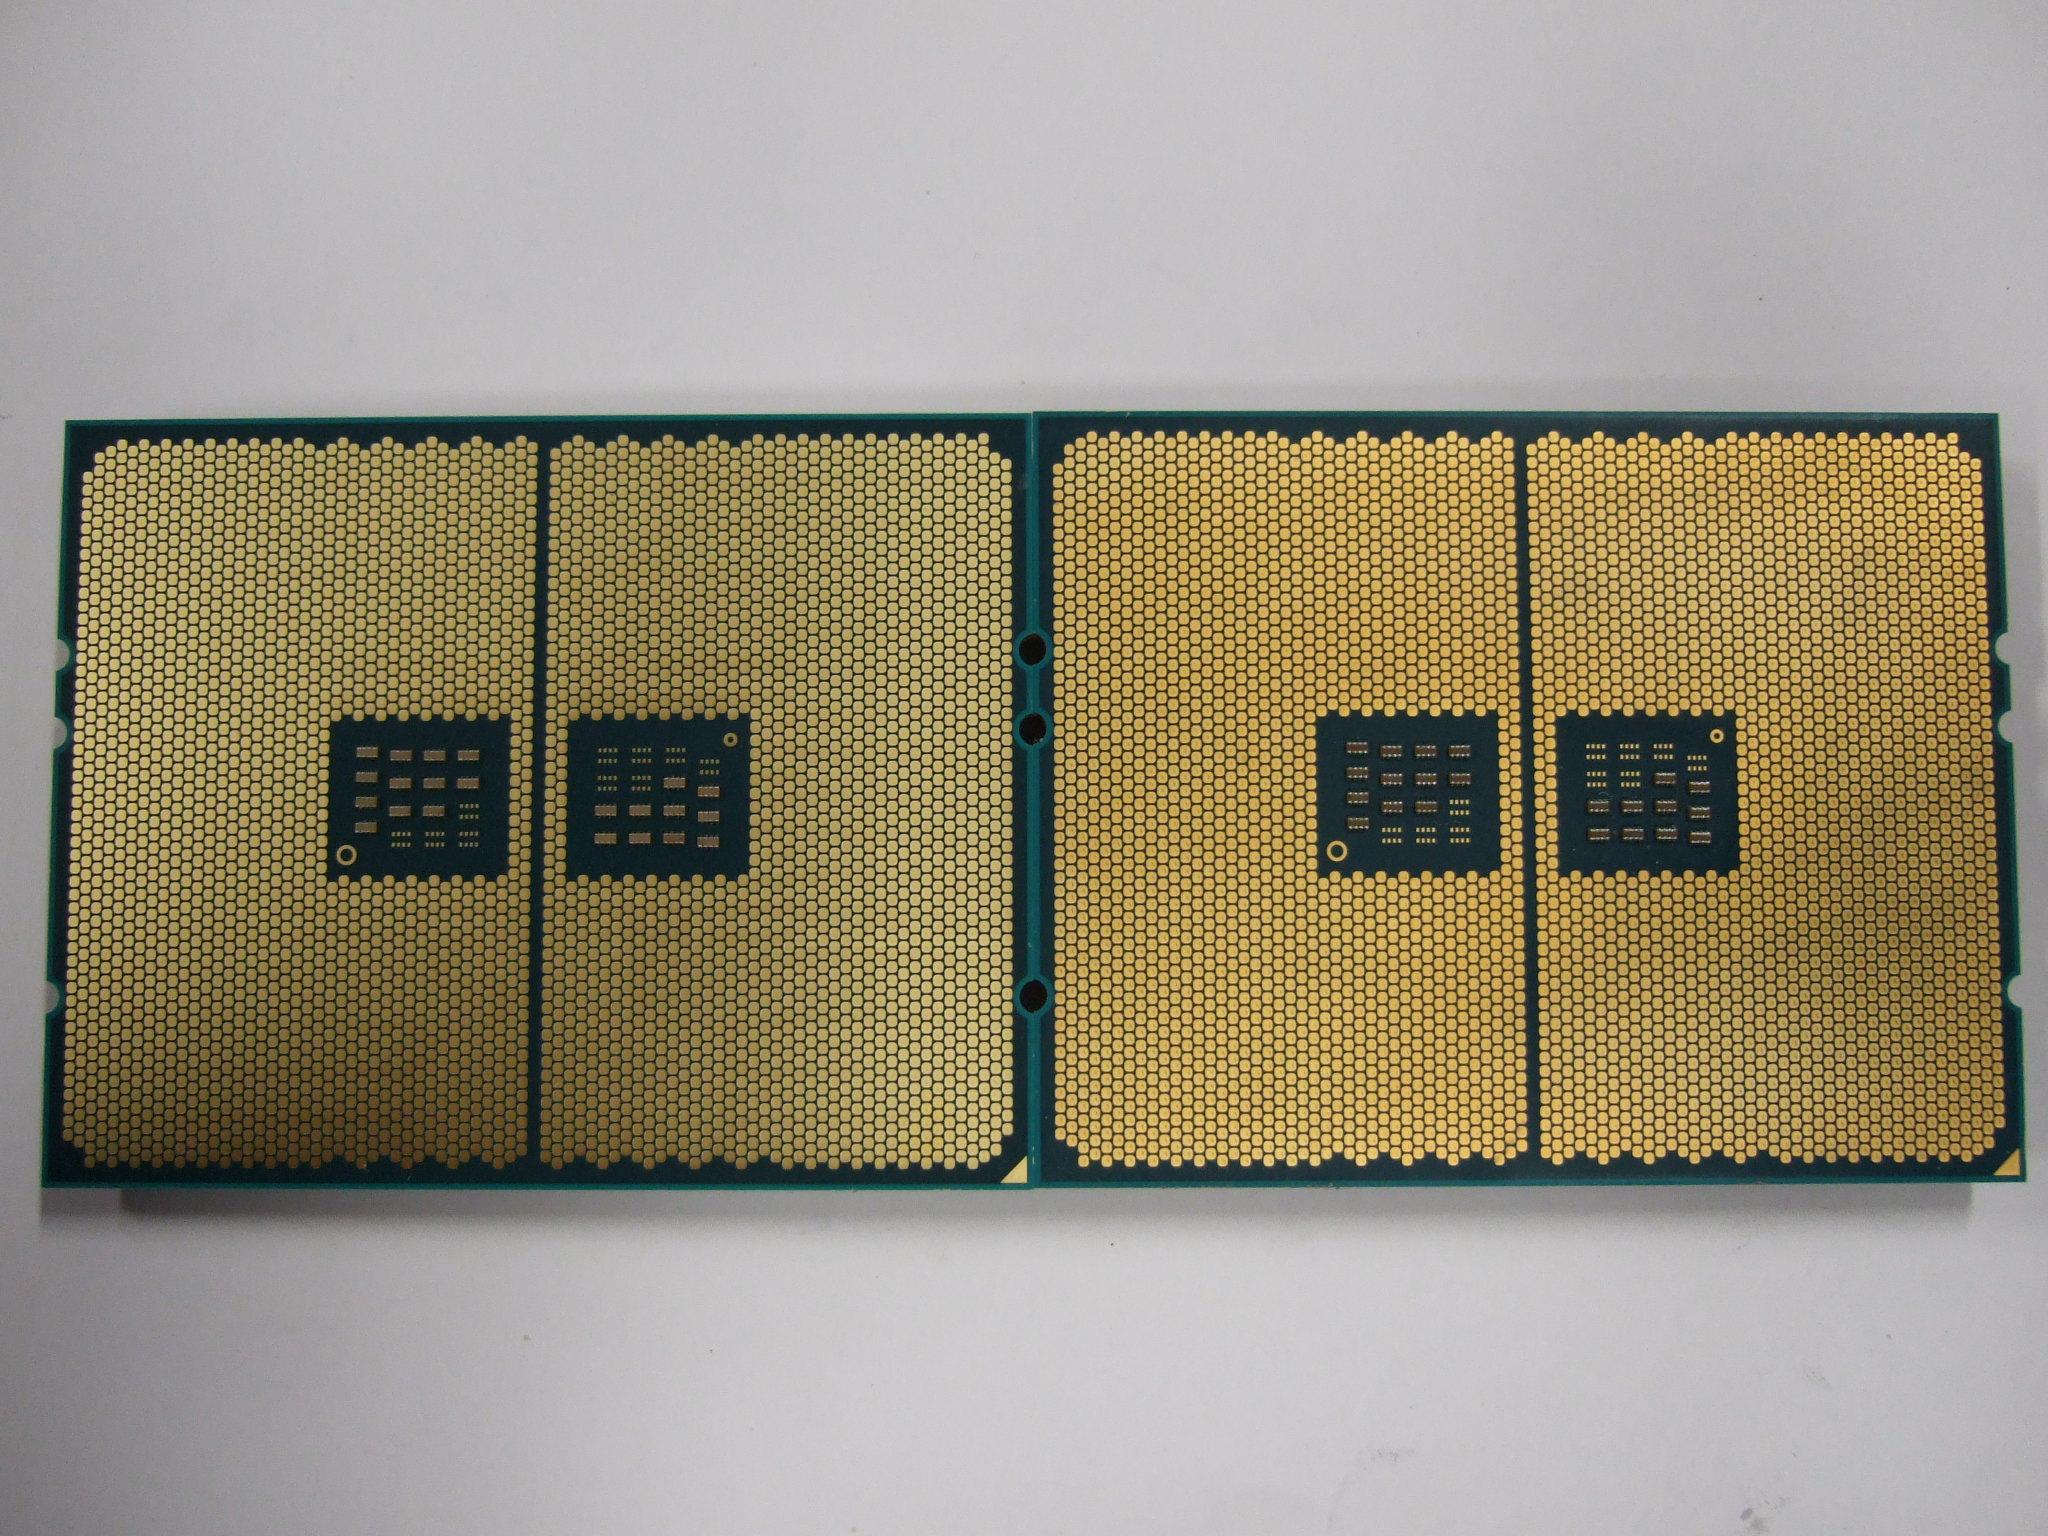 《左:Ryzen Threadripper 2950X / 右:Ryzen Threadripper 1950X 》中央のコンデンサの配置まで全く同じです